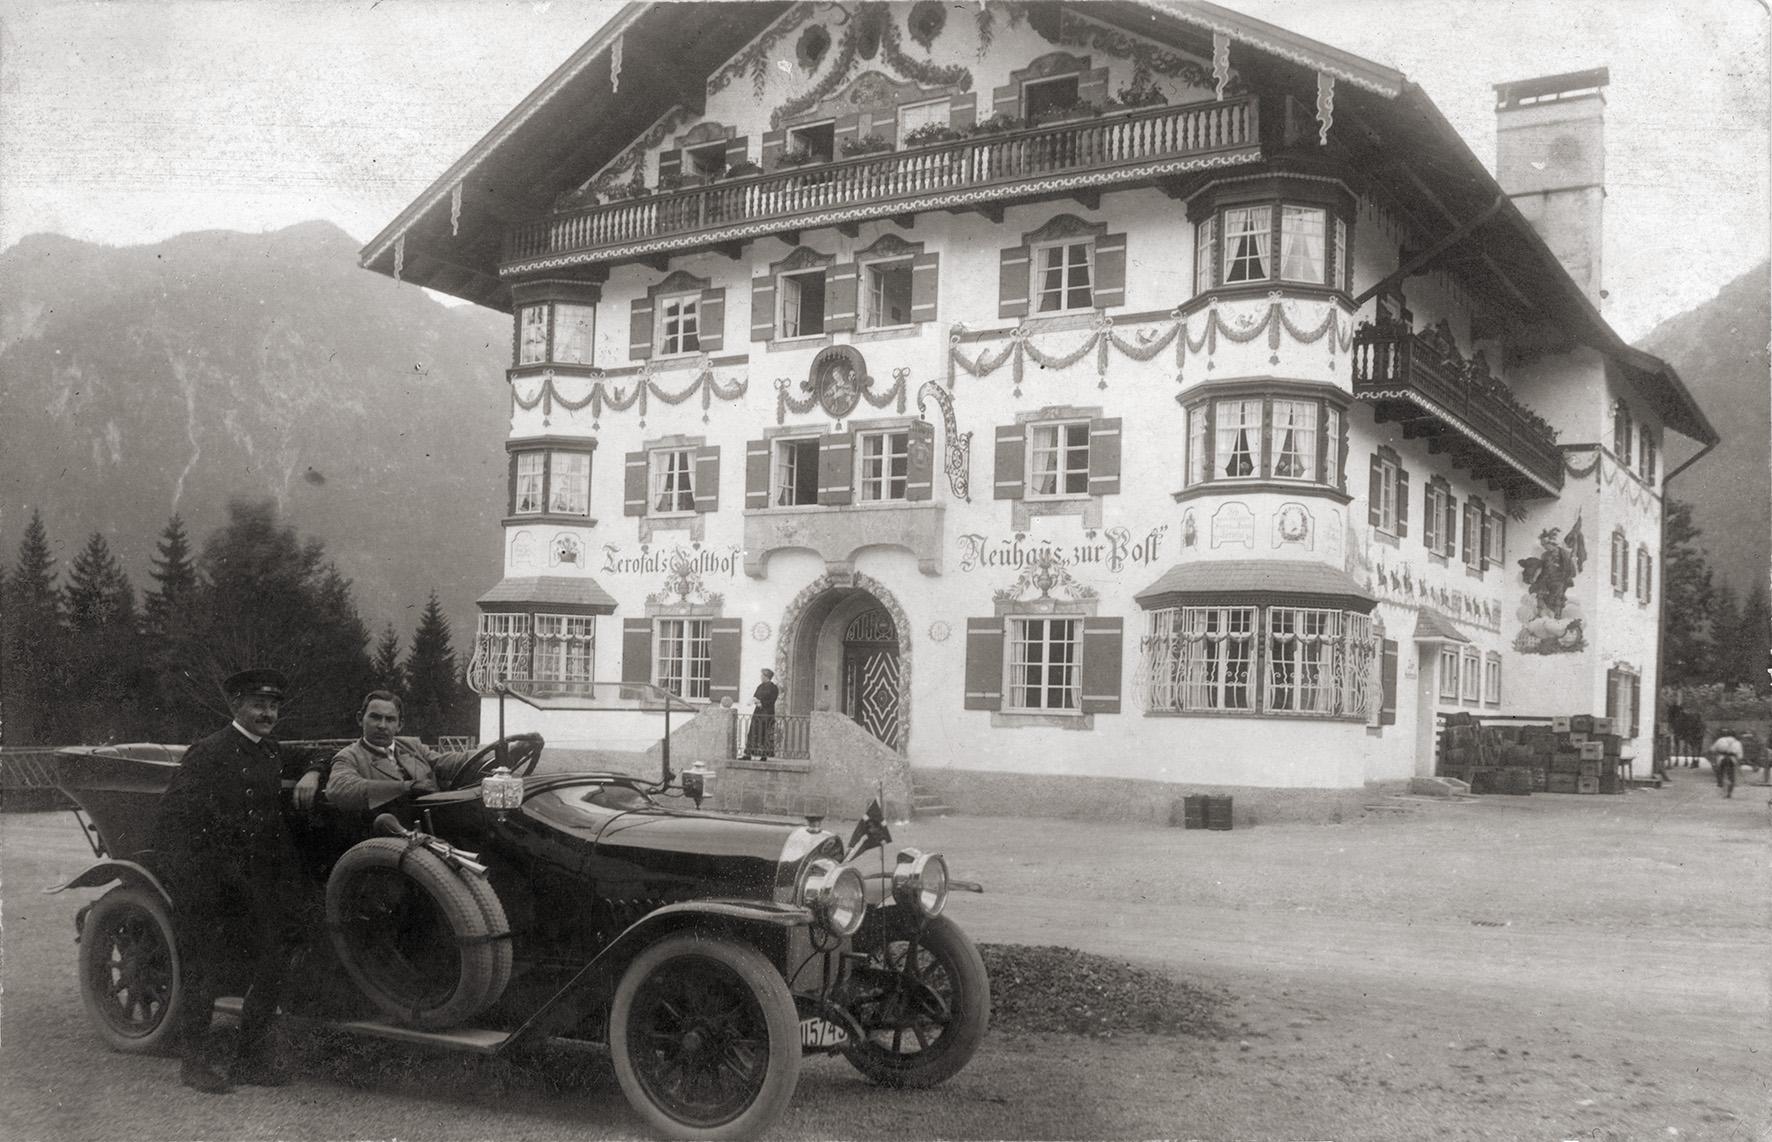 """Das von Terofal 1912 erbaute Gasthaus """"Neuhaus zur Post Im Automobil sitzt der Terofal Schwiegersohn Josef Riendl. Bei dem Wagen handelt es sich um einen Protos Typ G, hergestellt zwischen 1910 und 1914 in Berlin Spandau."""